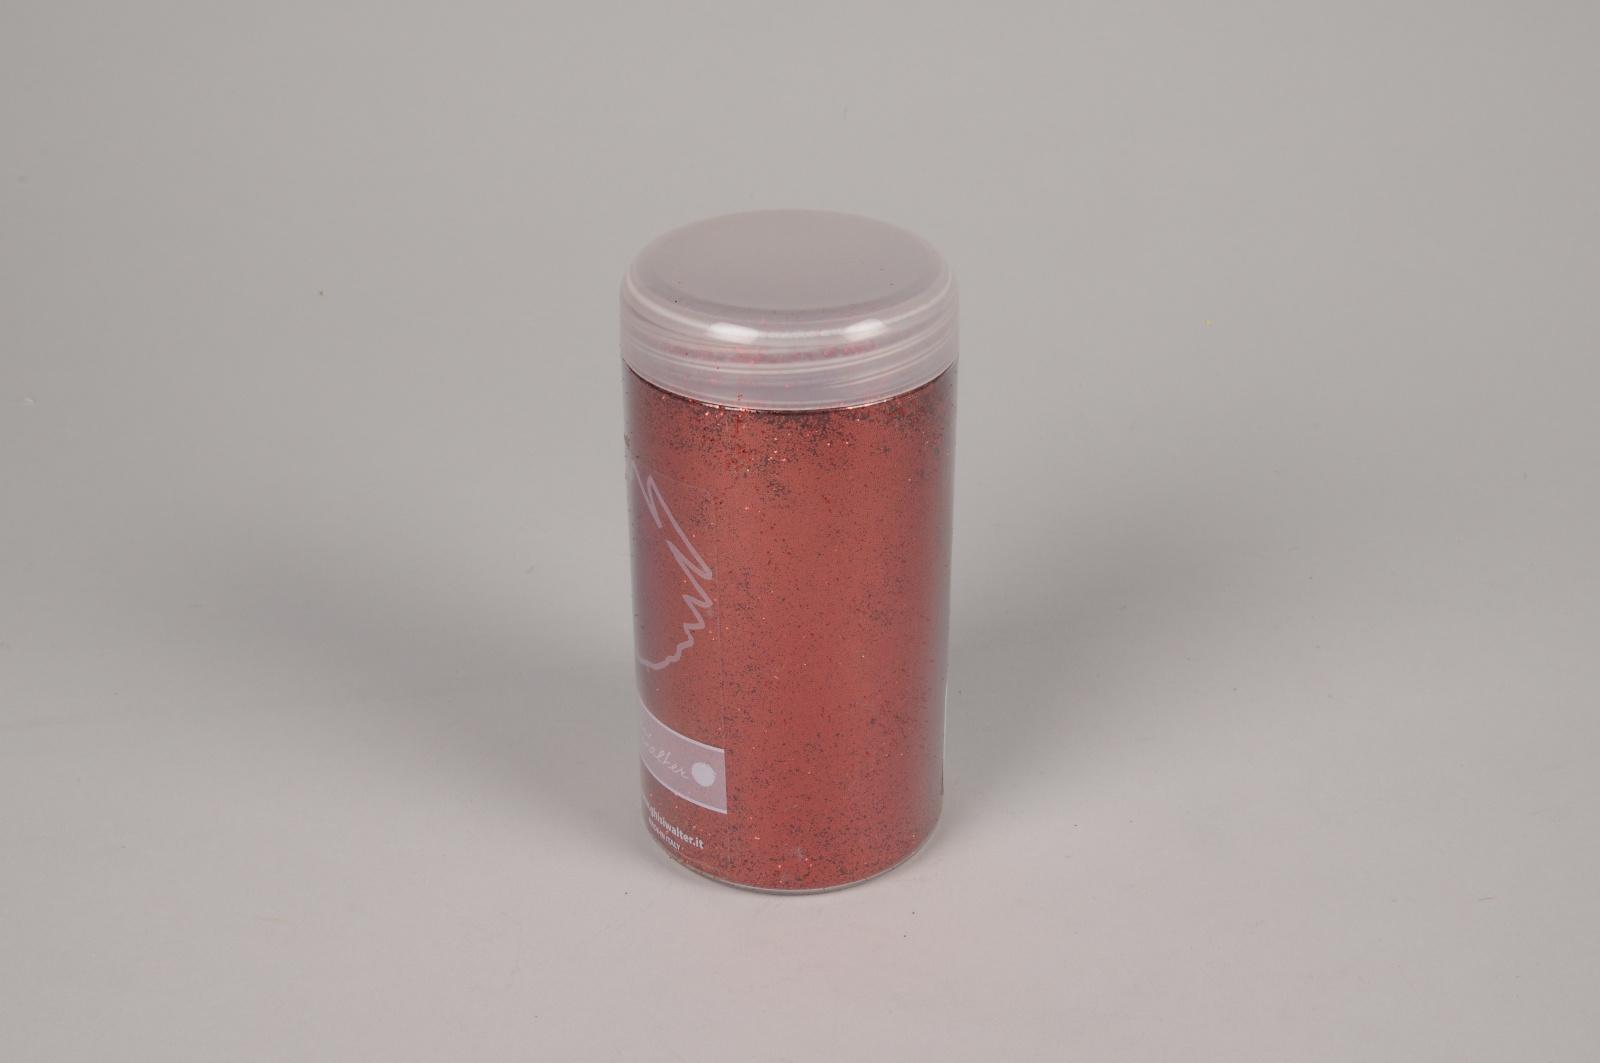 A169QF Pot de paillettes rouges 300g